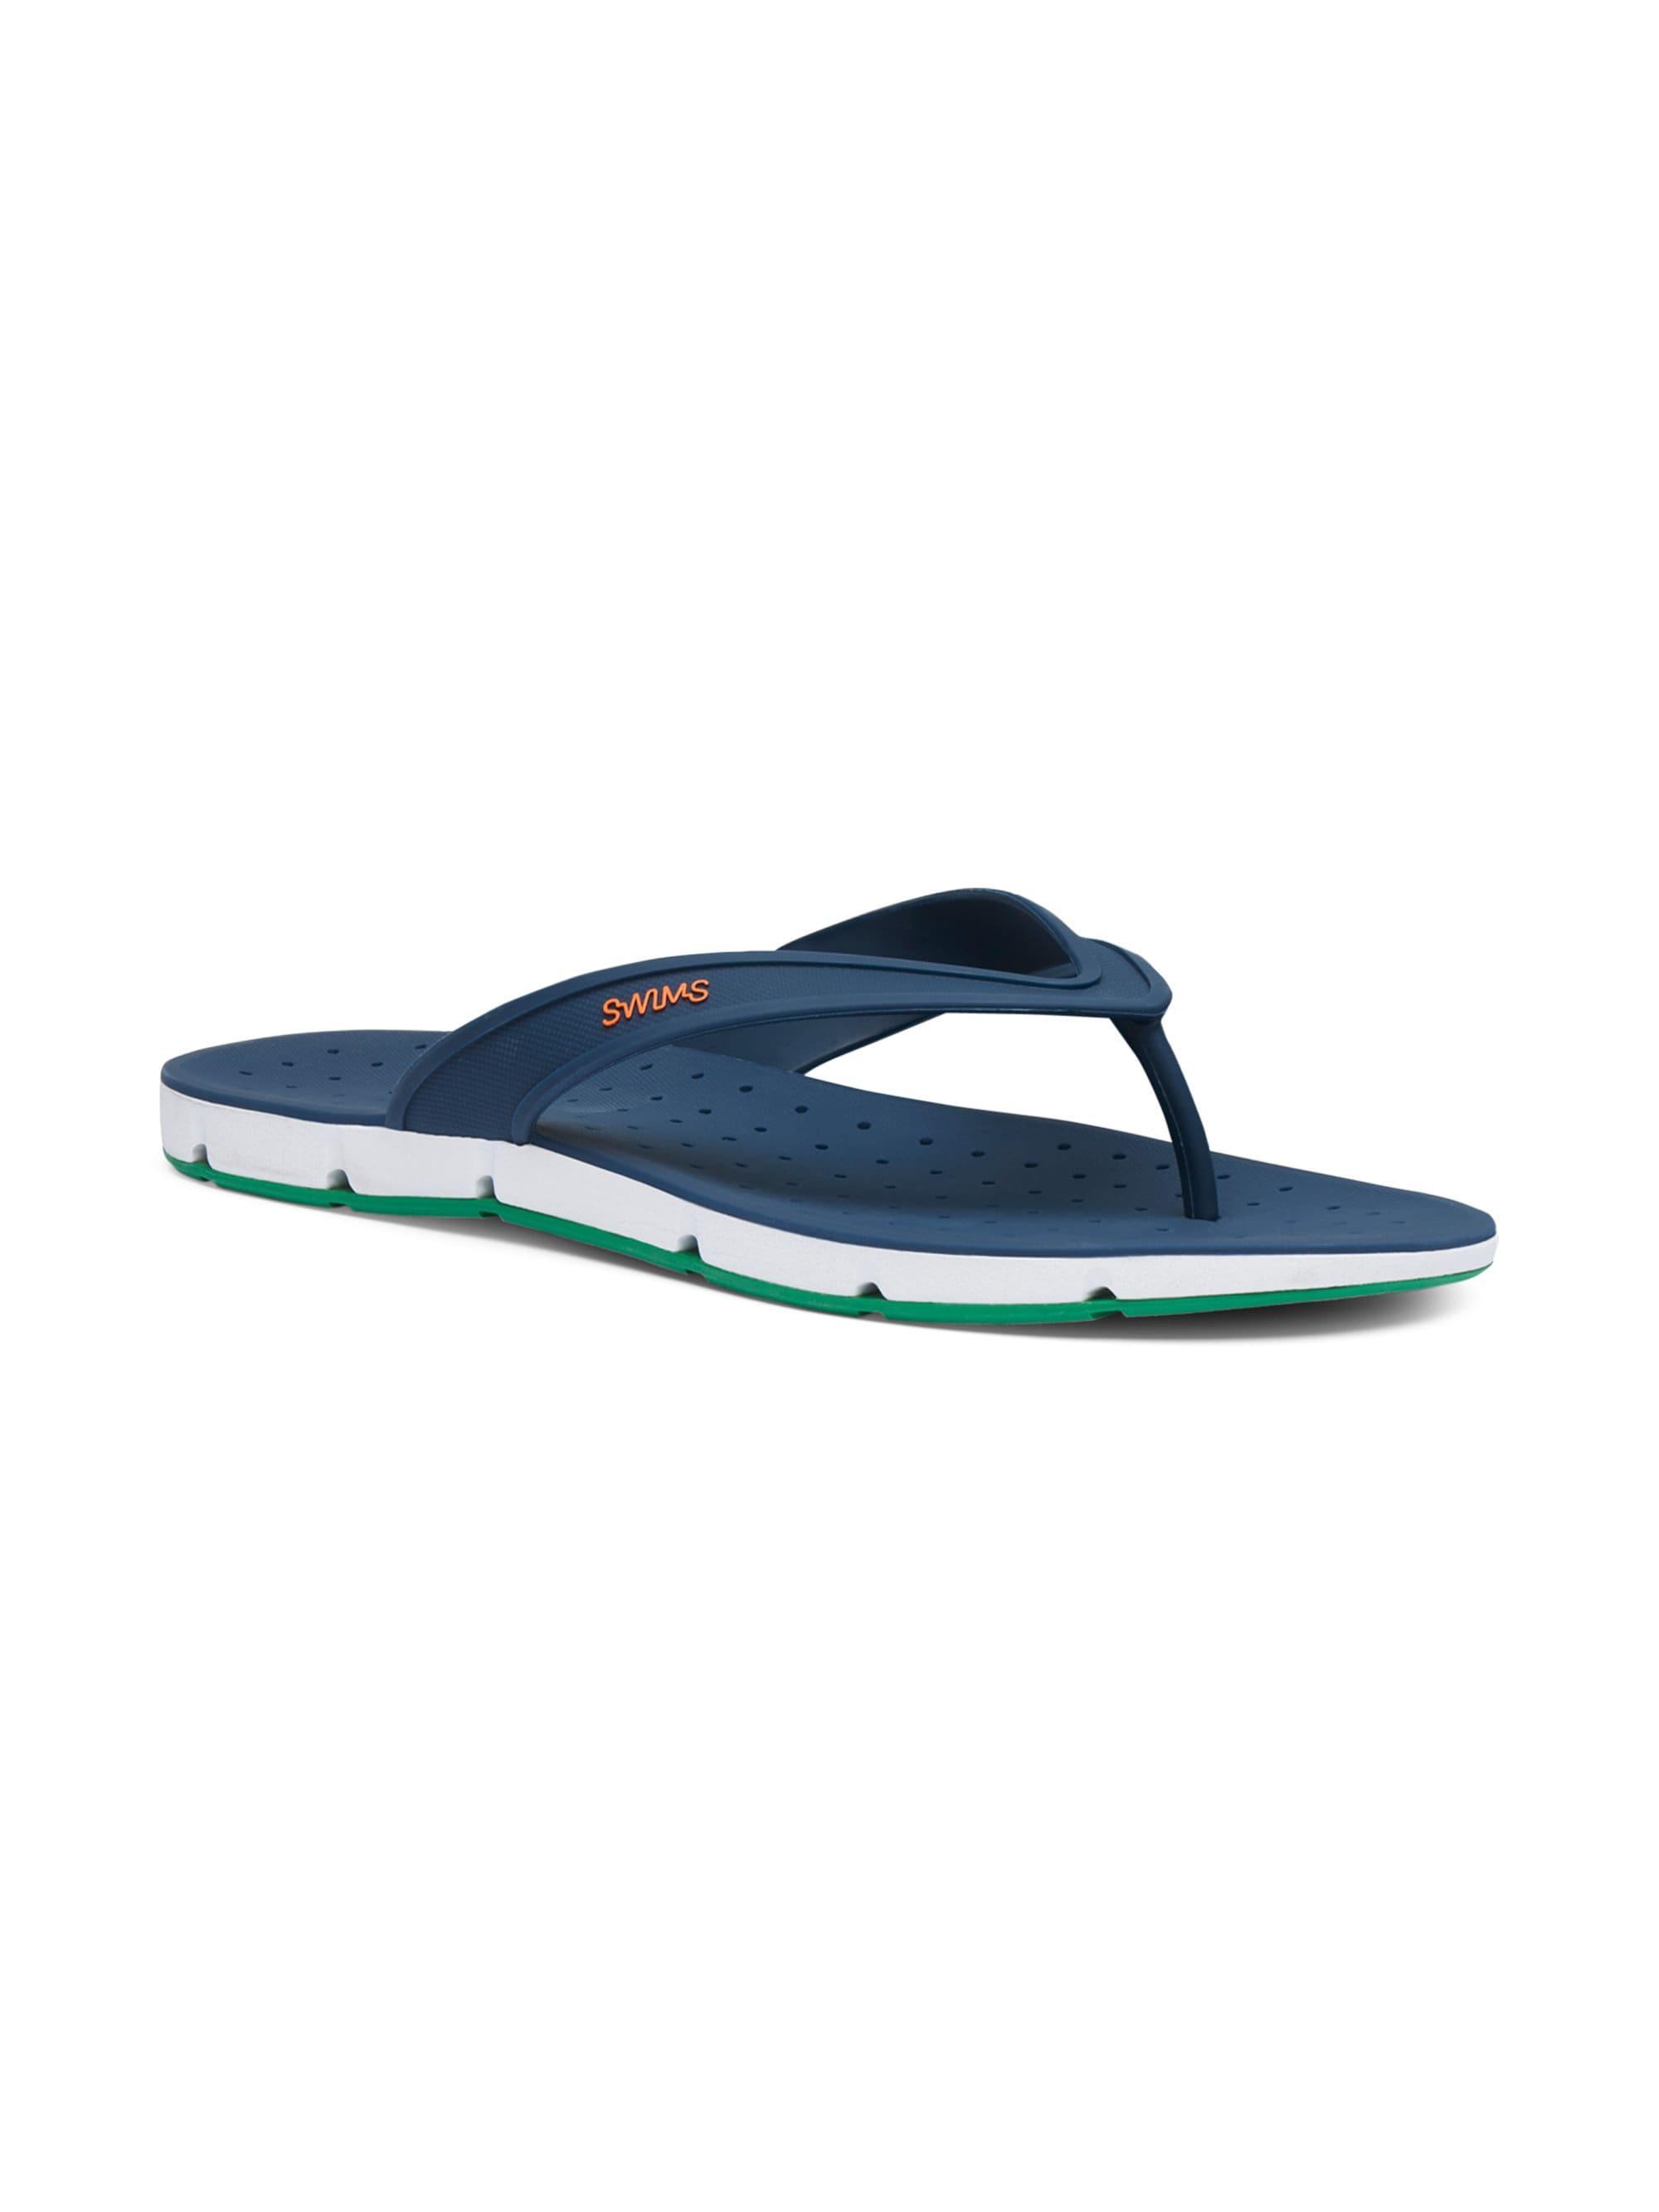 1a71269d985e Lyst - Swims Men s Breeze Flip Flops - Navy Jolly Green - Size 13 M ...